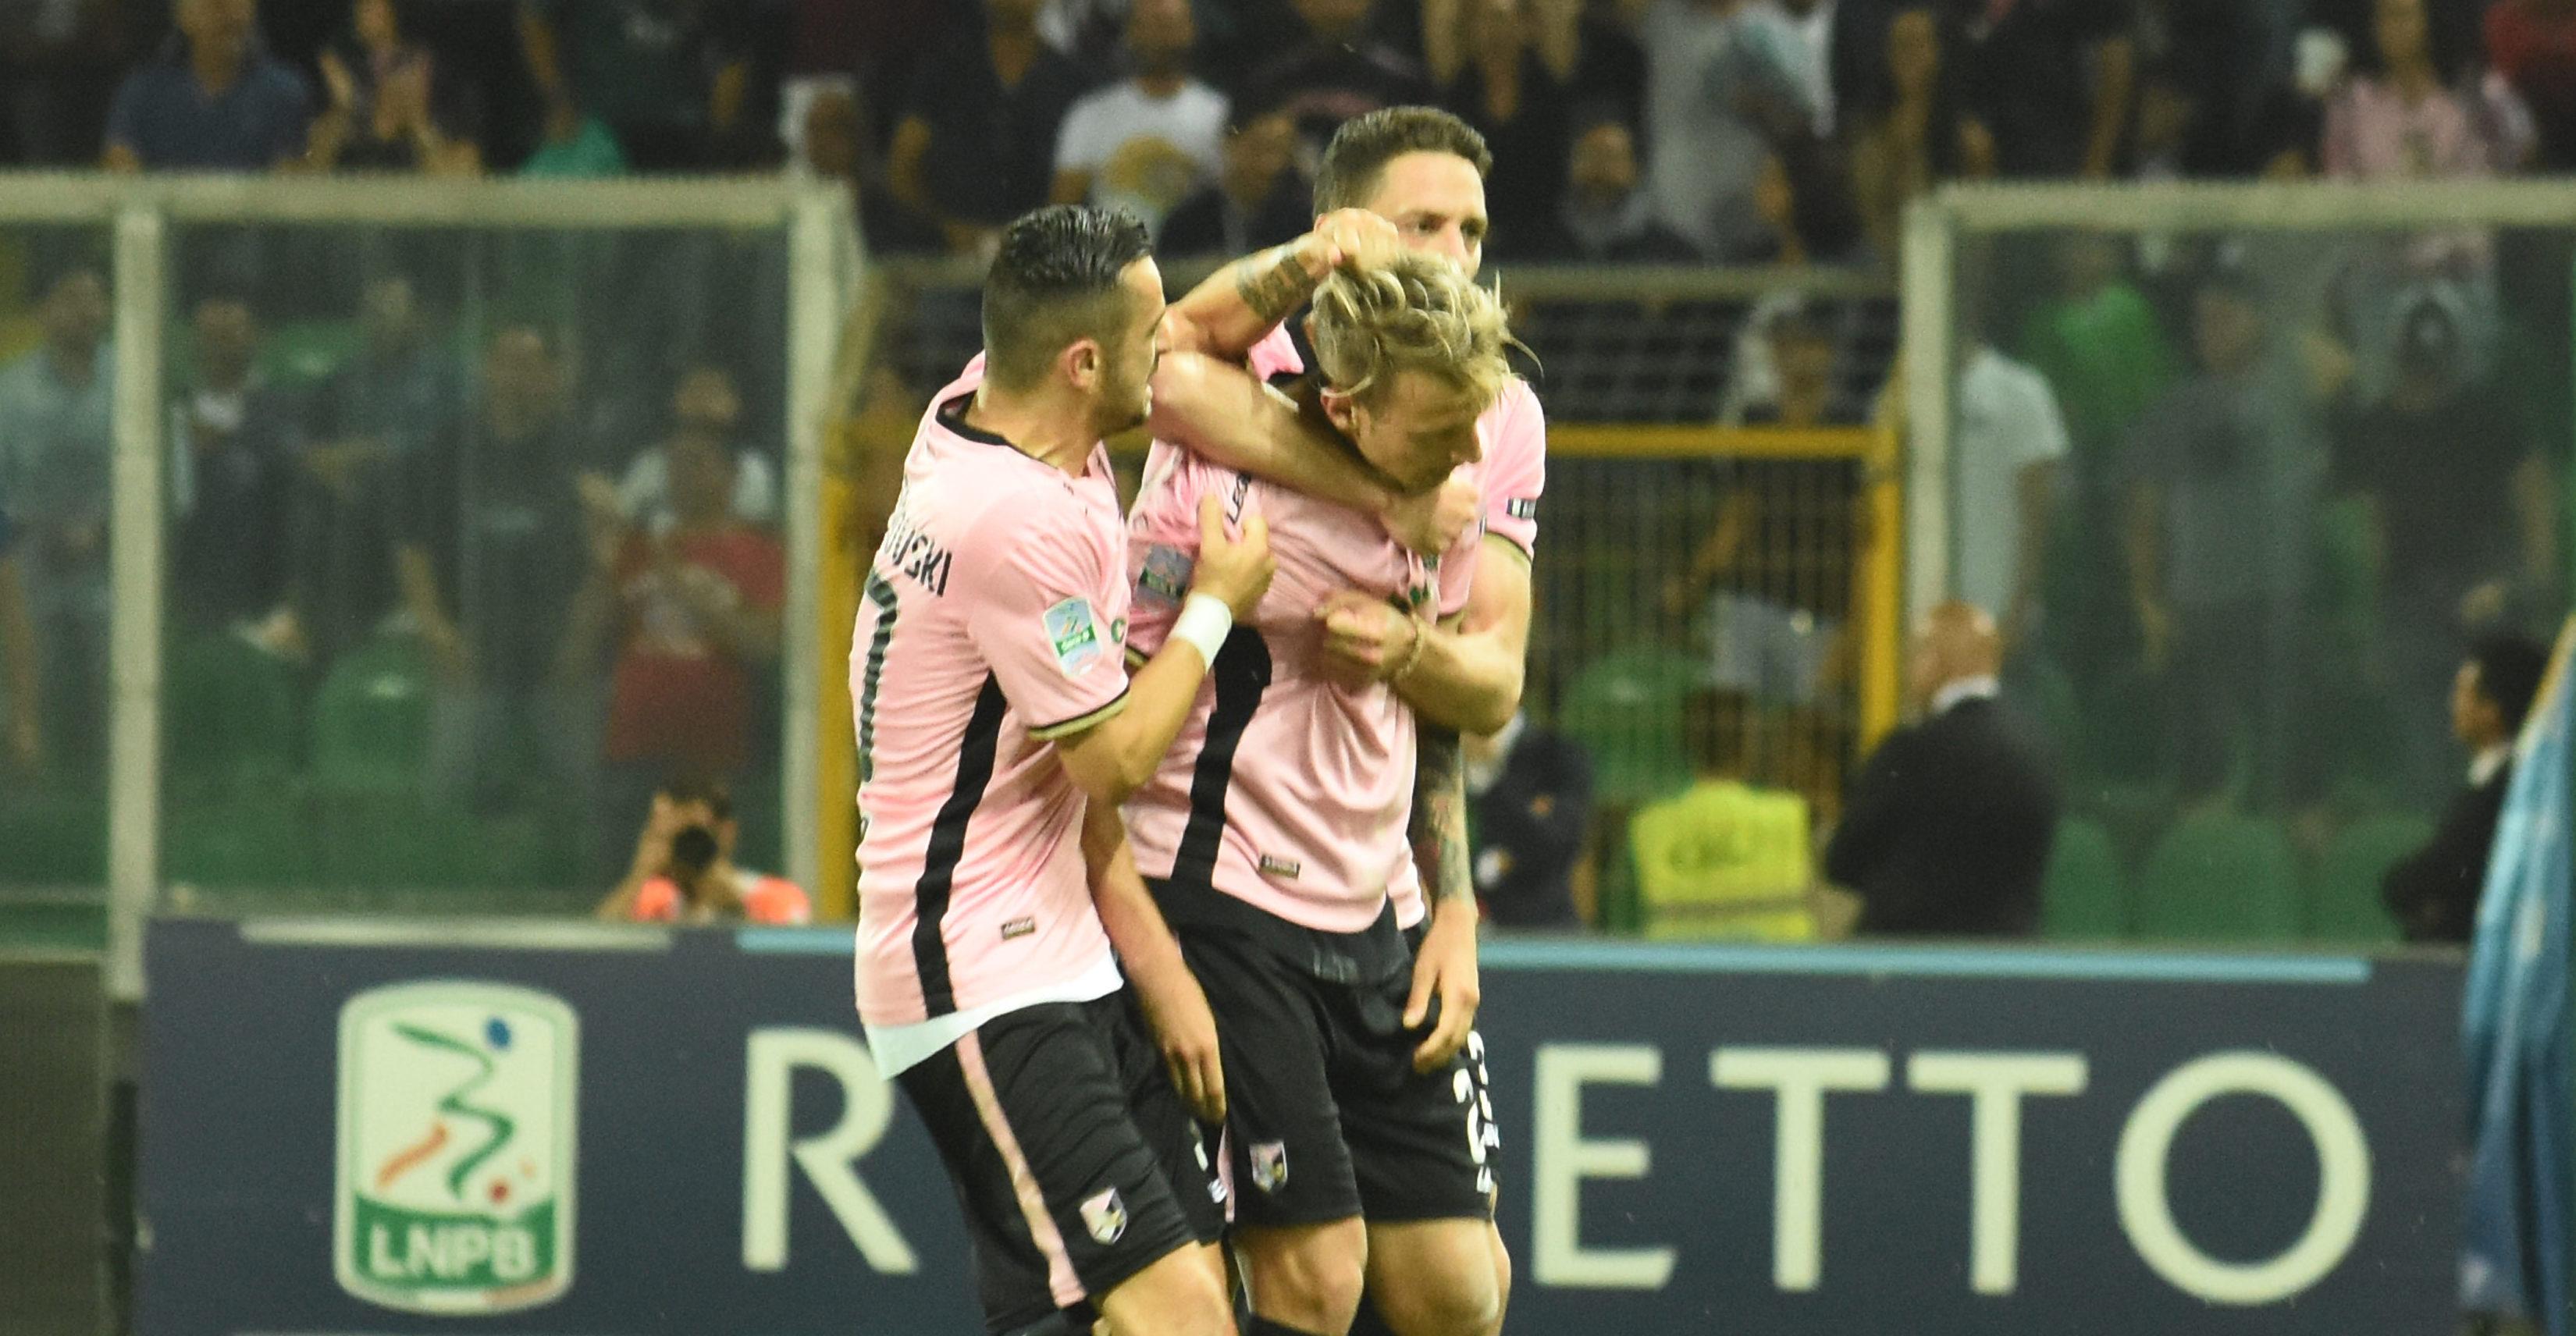 Si puntava al nuovo ennesimo record stagionale e nuovo record è stato. Palermo – Frosinone (finale d'andata dei playoff e ultima stagionale al Barbera) fissa il record di presenze per la stagione 2017/18 con 29.050 biglietti emessi. FORMAZIONI E CRONACA DI PALERMO – FROSINONE Nonostante i pochi giorni di vendita a disposizione dopo la semifinale (tre in tutto; solo due le giornate di apertura del botteghino sud dello stadio), la vendita è partita subito a gonfie vele, con un accelerazione finale che ha portato a sfiorare quota 30 mila biglietti venduti. LA MOVIOLA DI PALERMO – FROSINONE Il precedente record